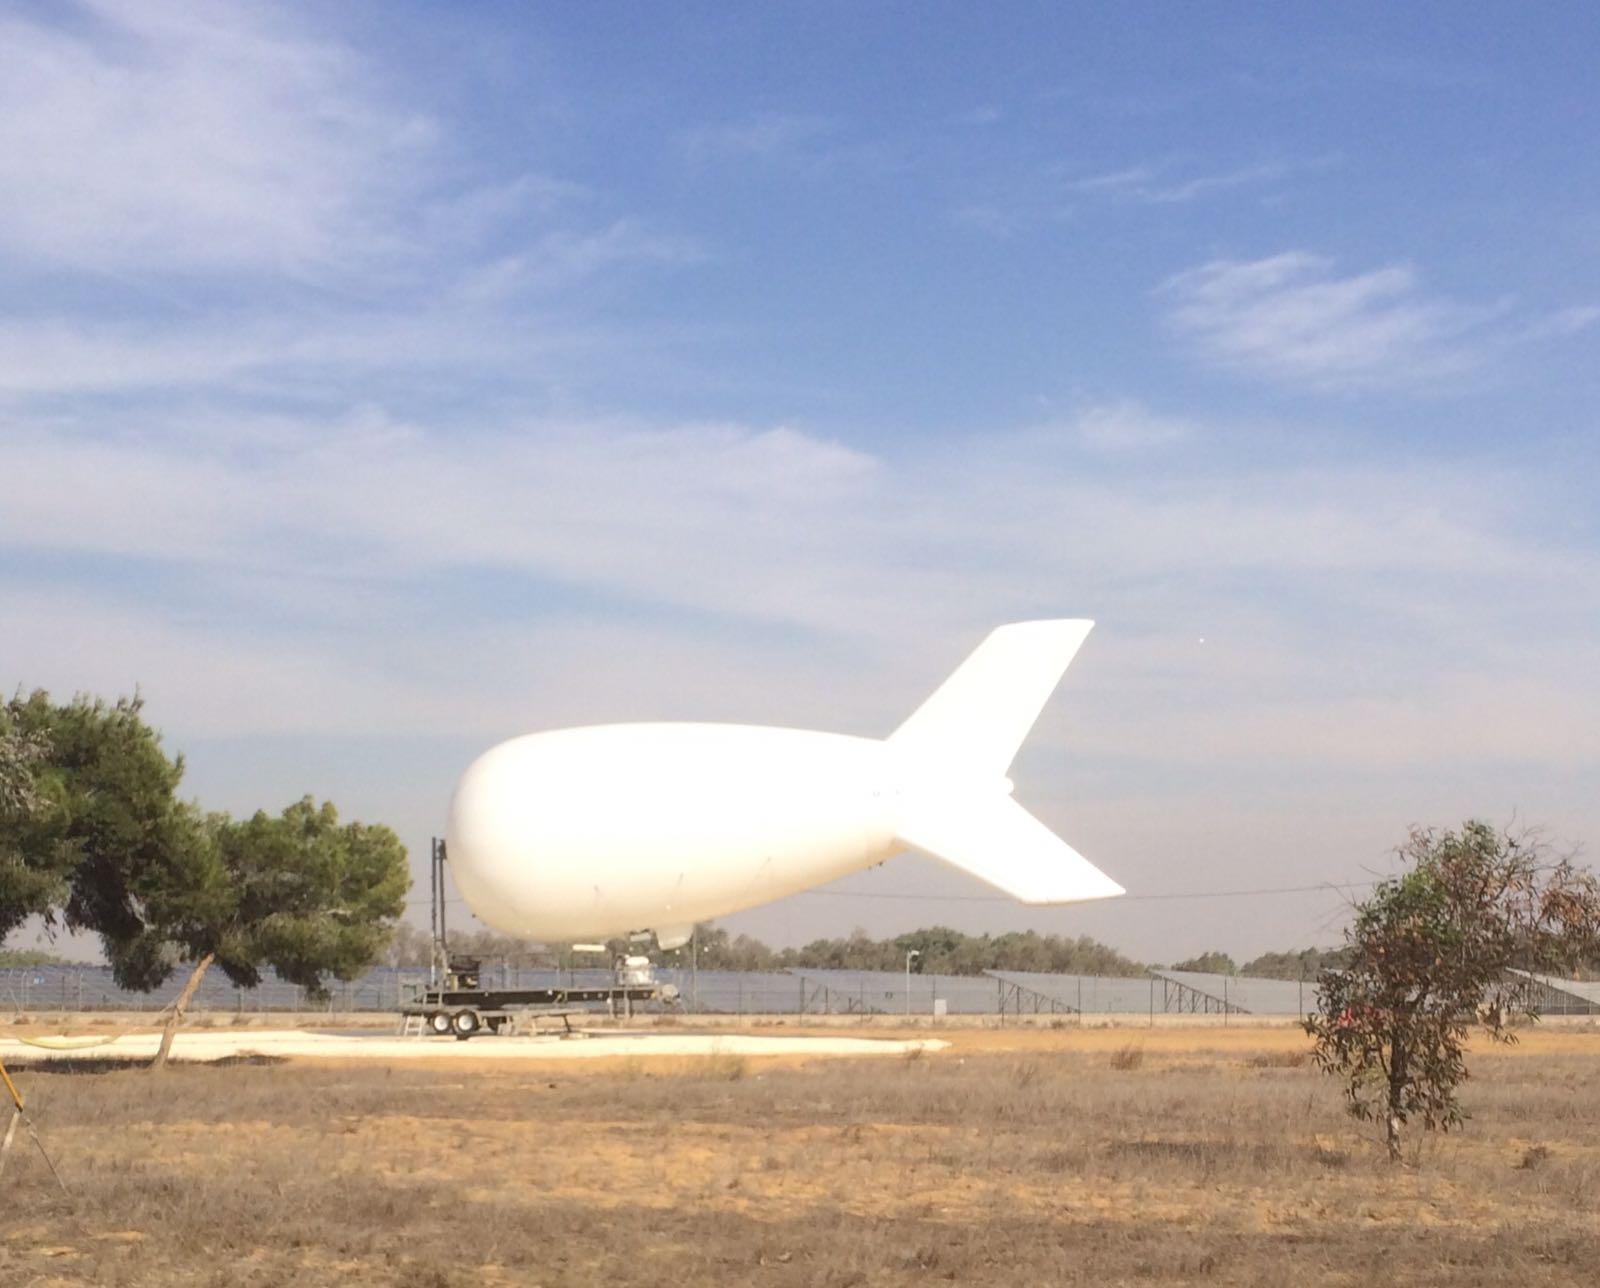 Sigint Baloon near Gaza Border